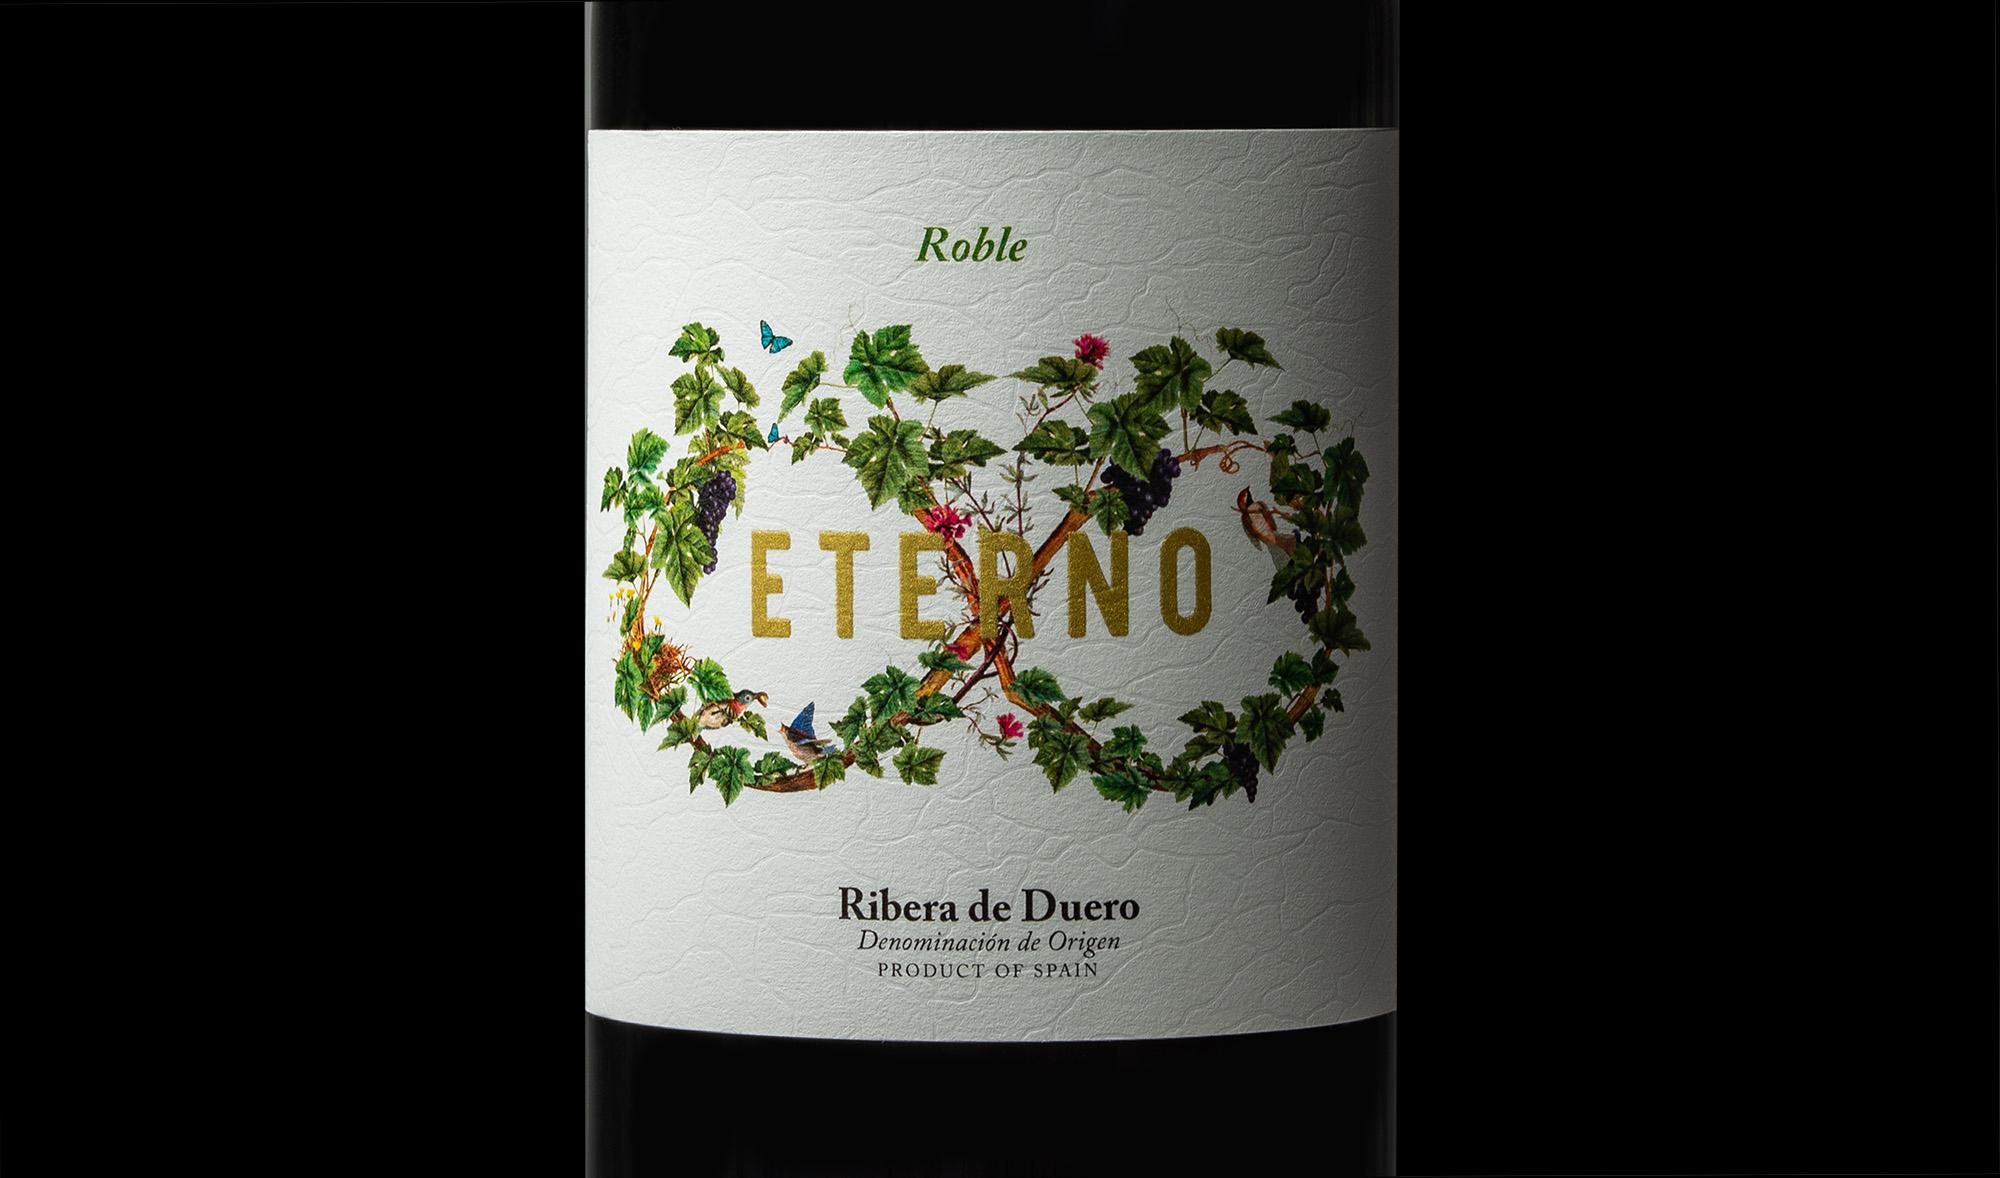 Detalle del diseño e ilustración para la etiqueta de vino roble eterno